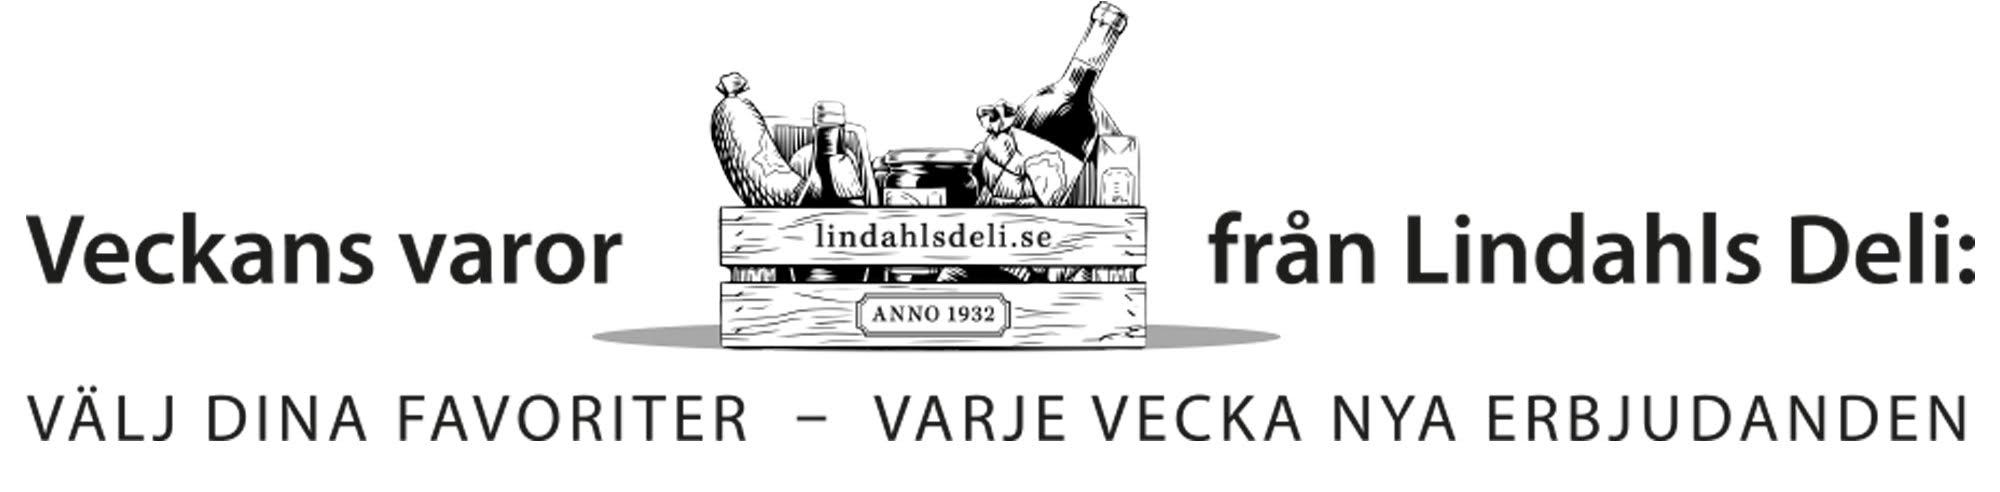 Veckans delikatessvaror från Lindahls Deli